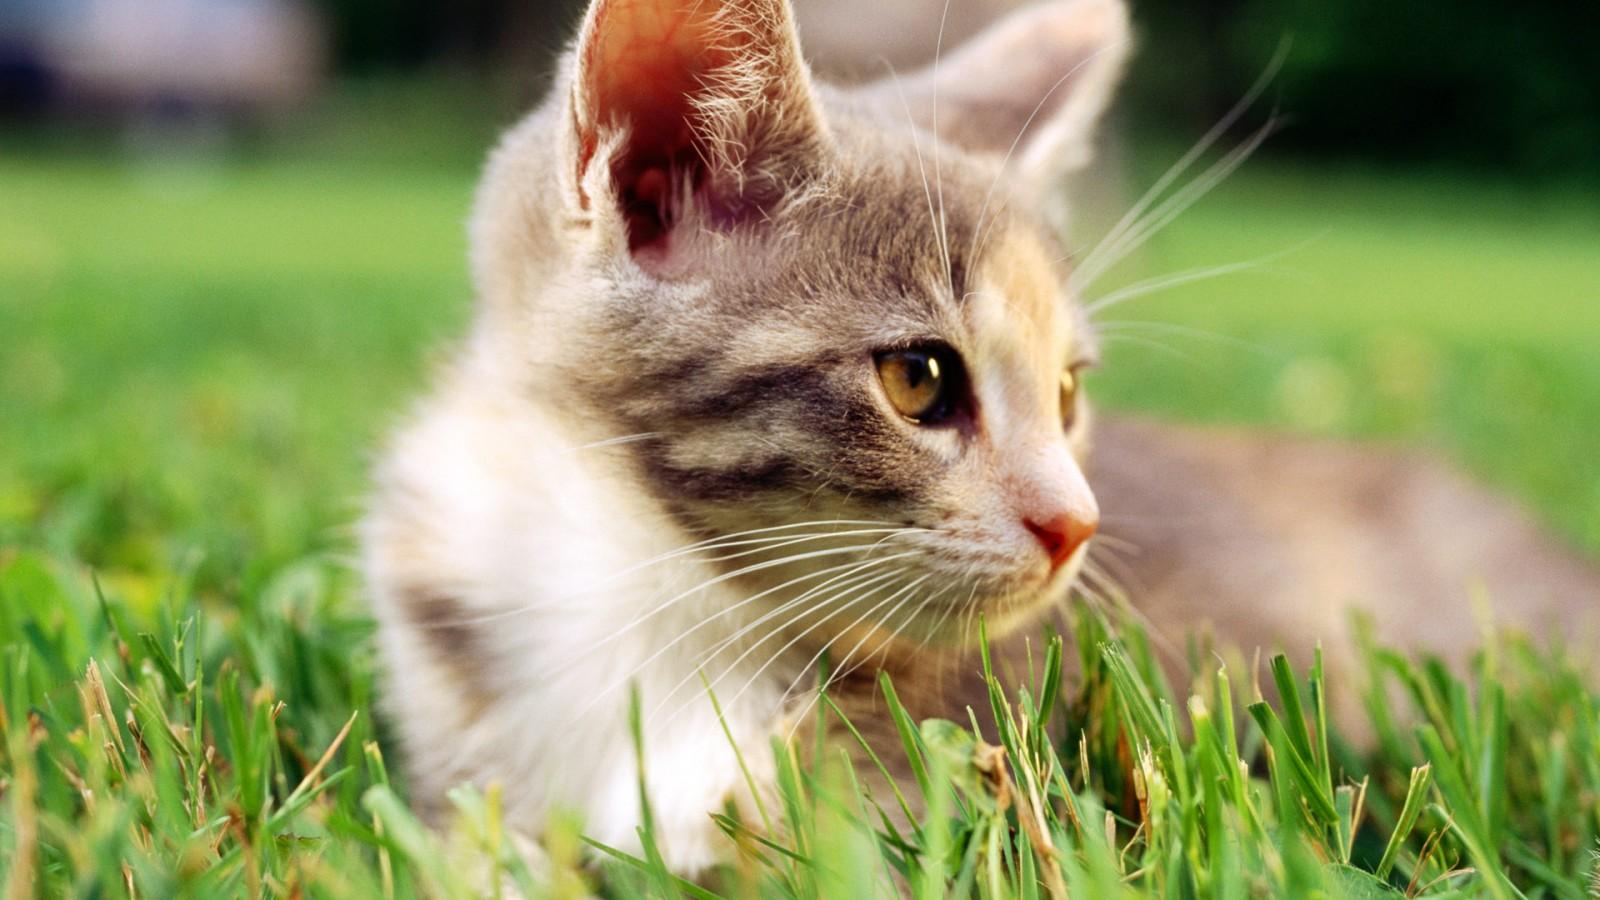 有可爱的猫咪的图片吗?